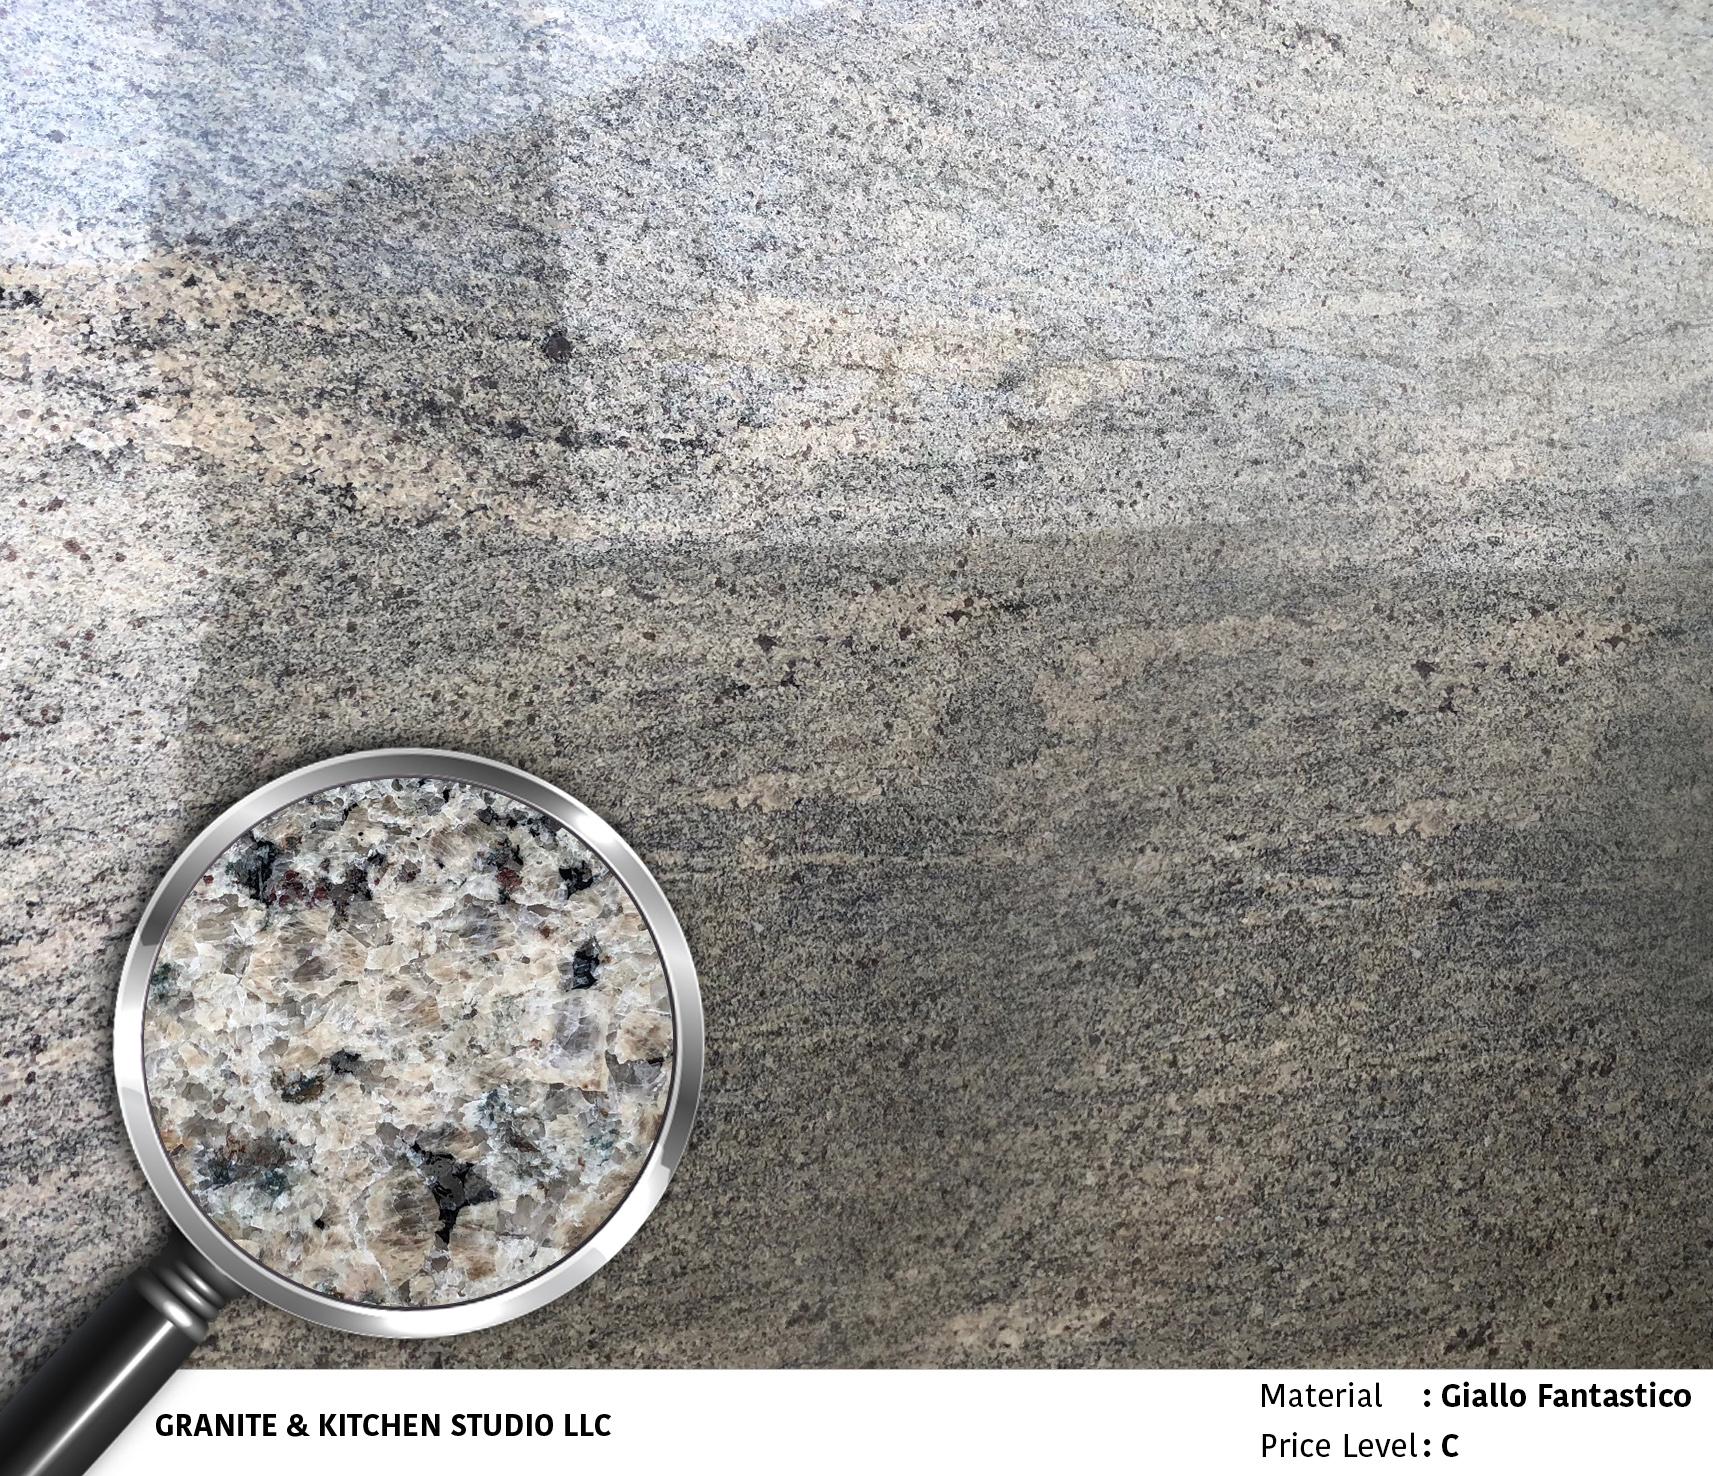 Giallo Fantastico Level C Granite Amp Kitchen Studio